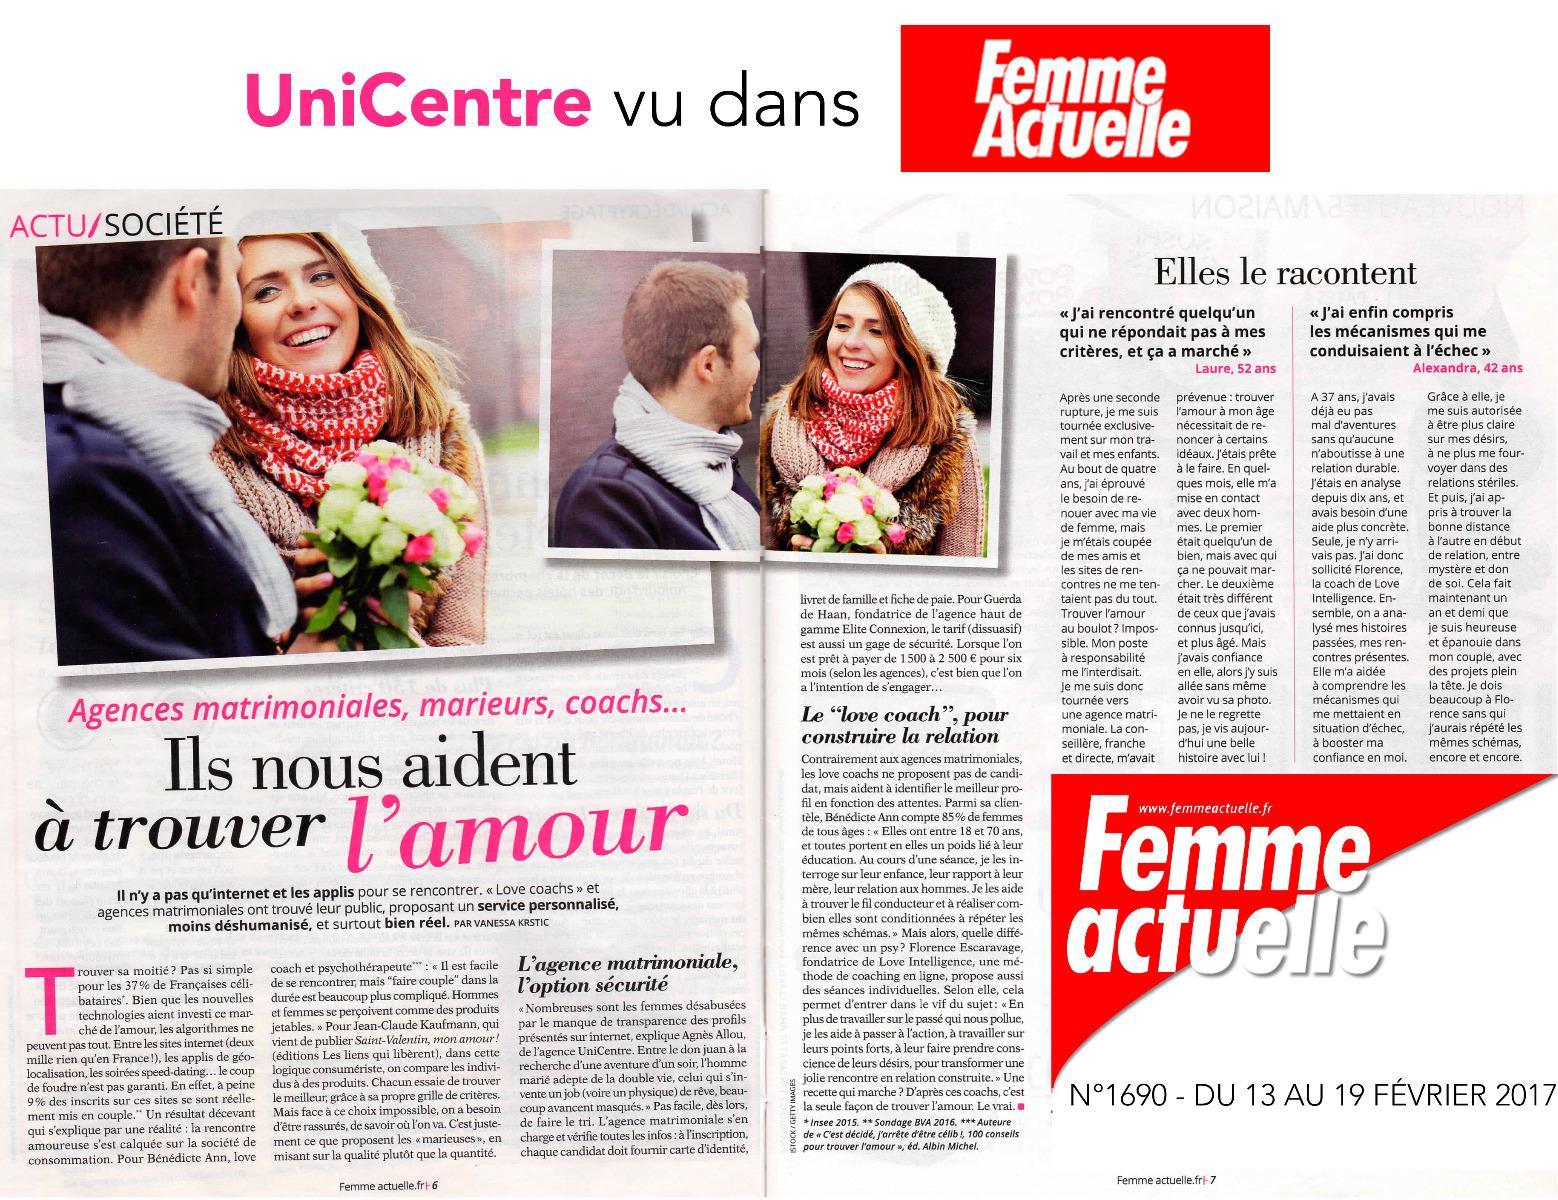 ARTICLE-FEMME-ACTUELLE